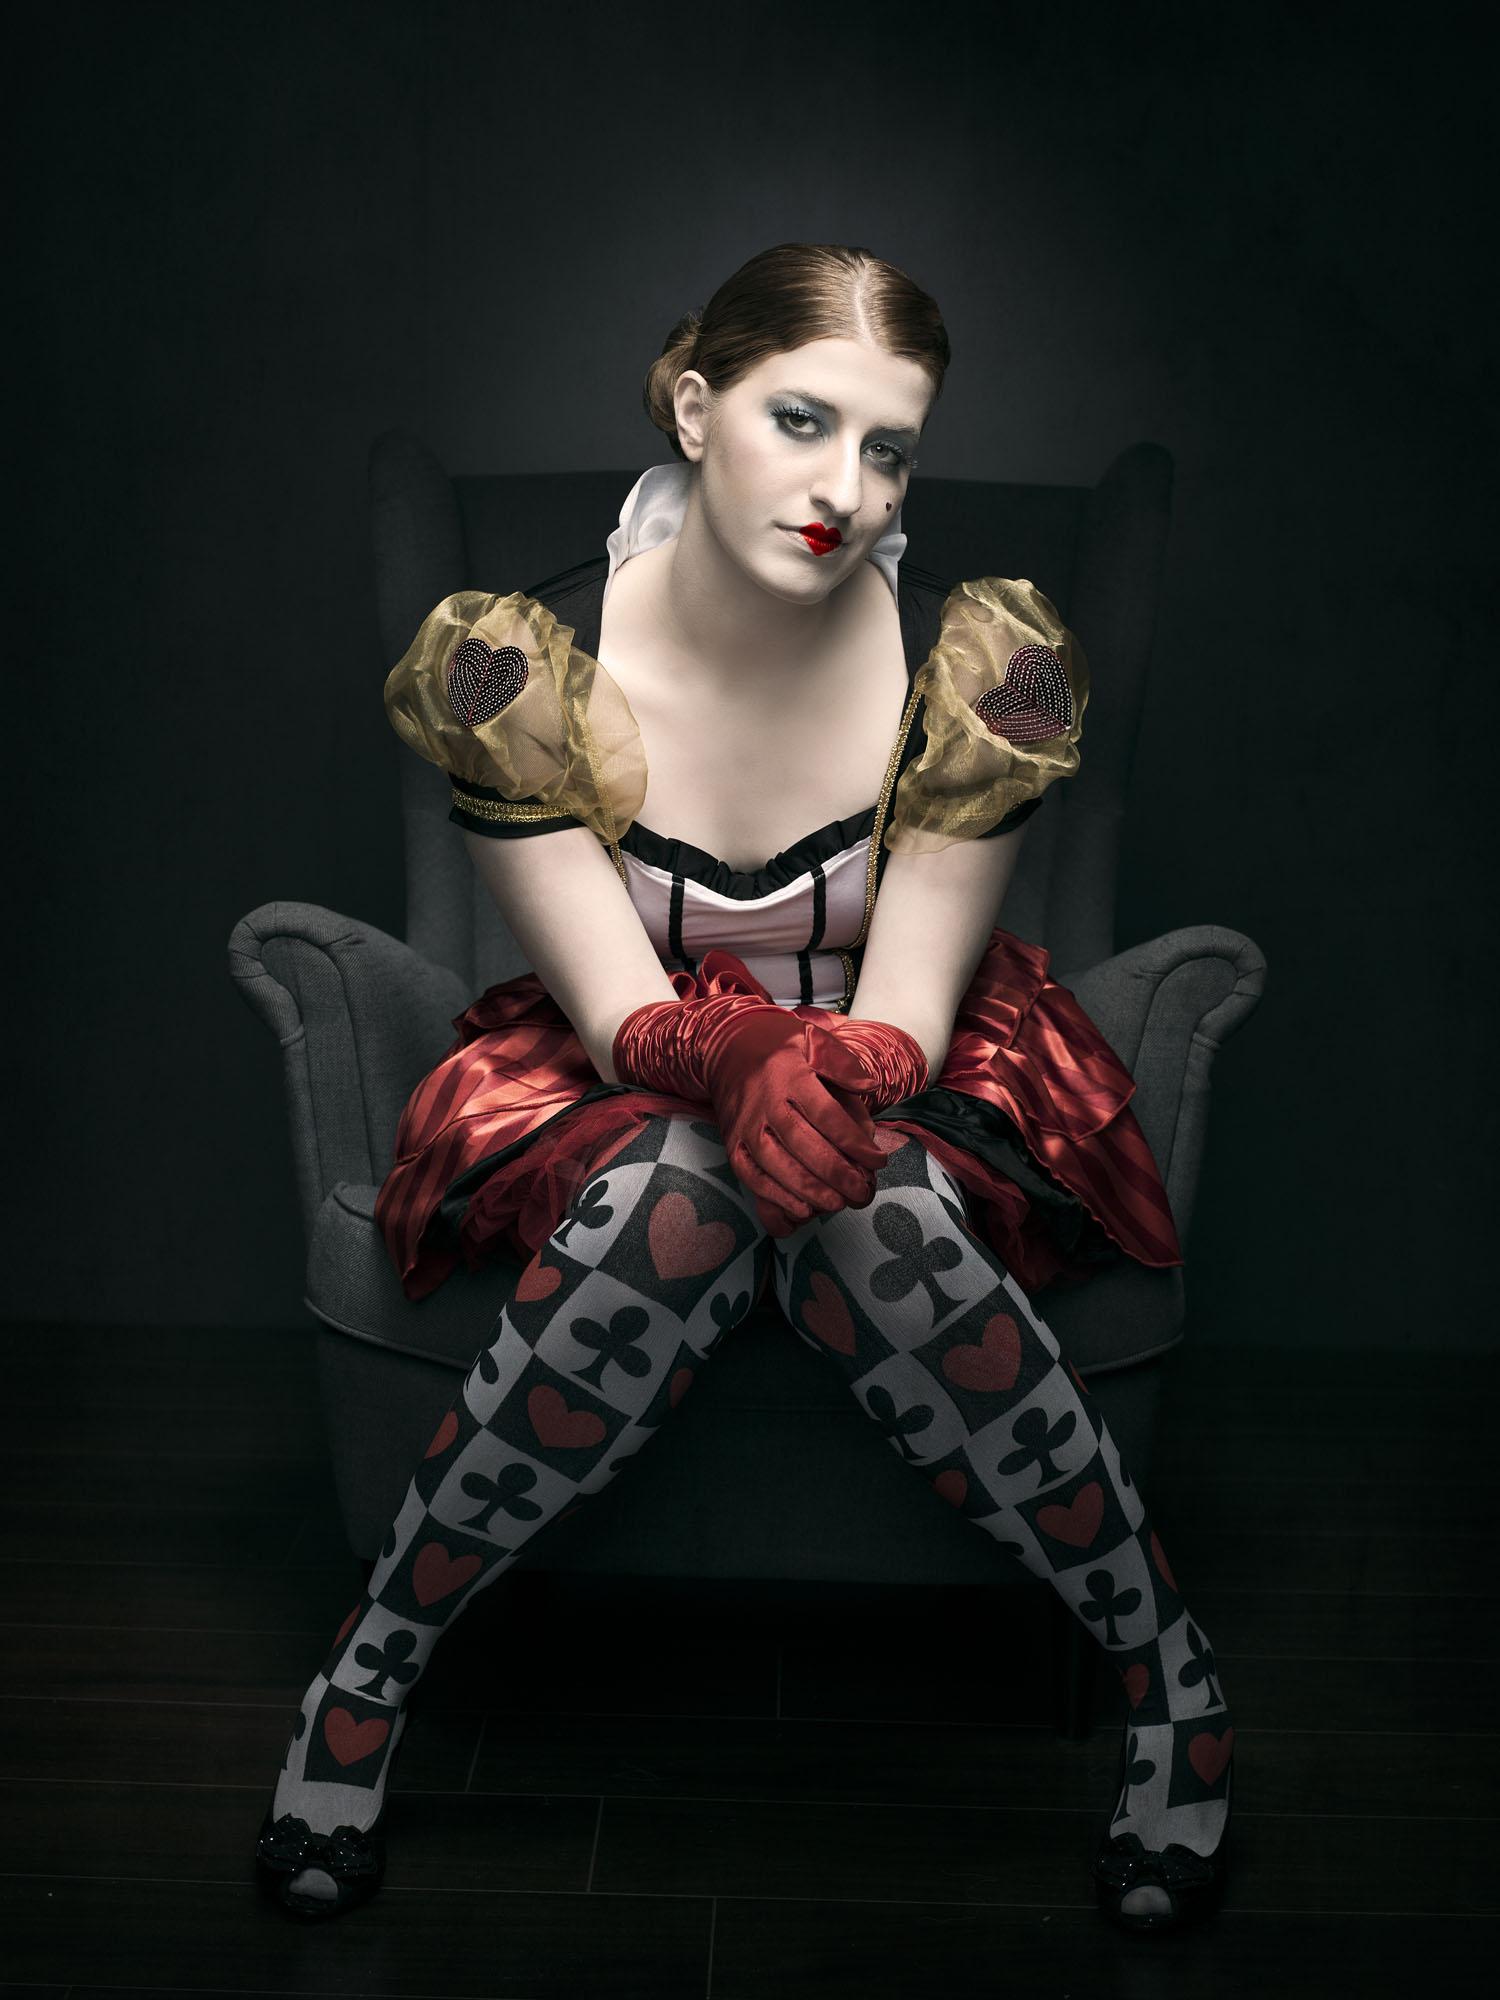 Foto van een verklede vrouw uit sprookje op een stoel